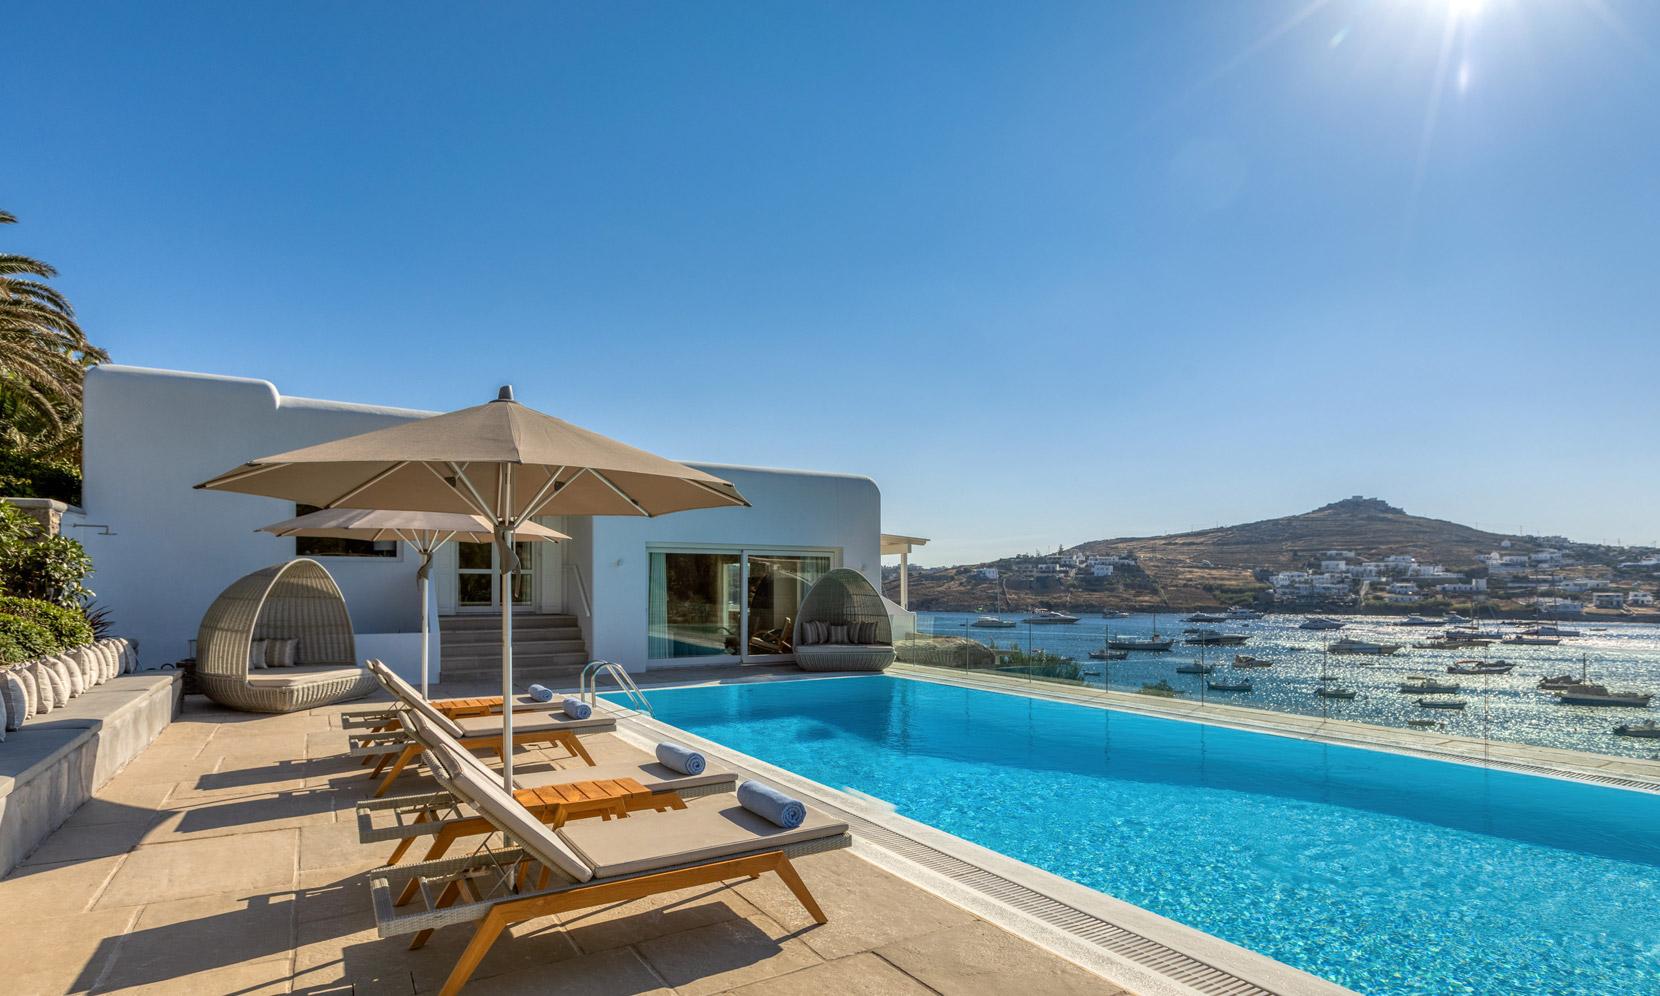 Mykonos Villa Turquoise jumbotron image